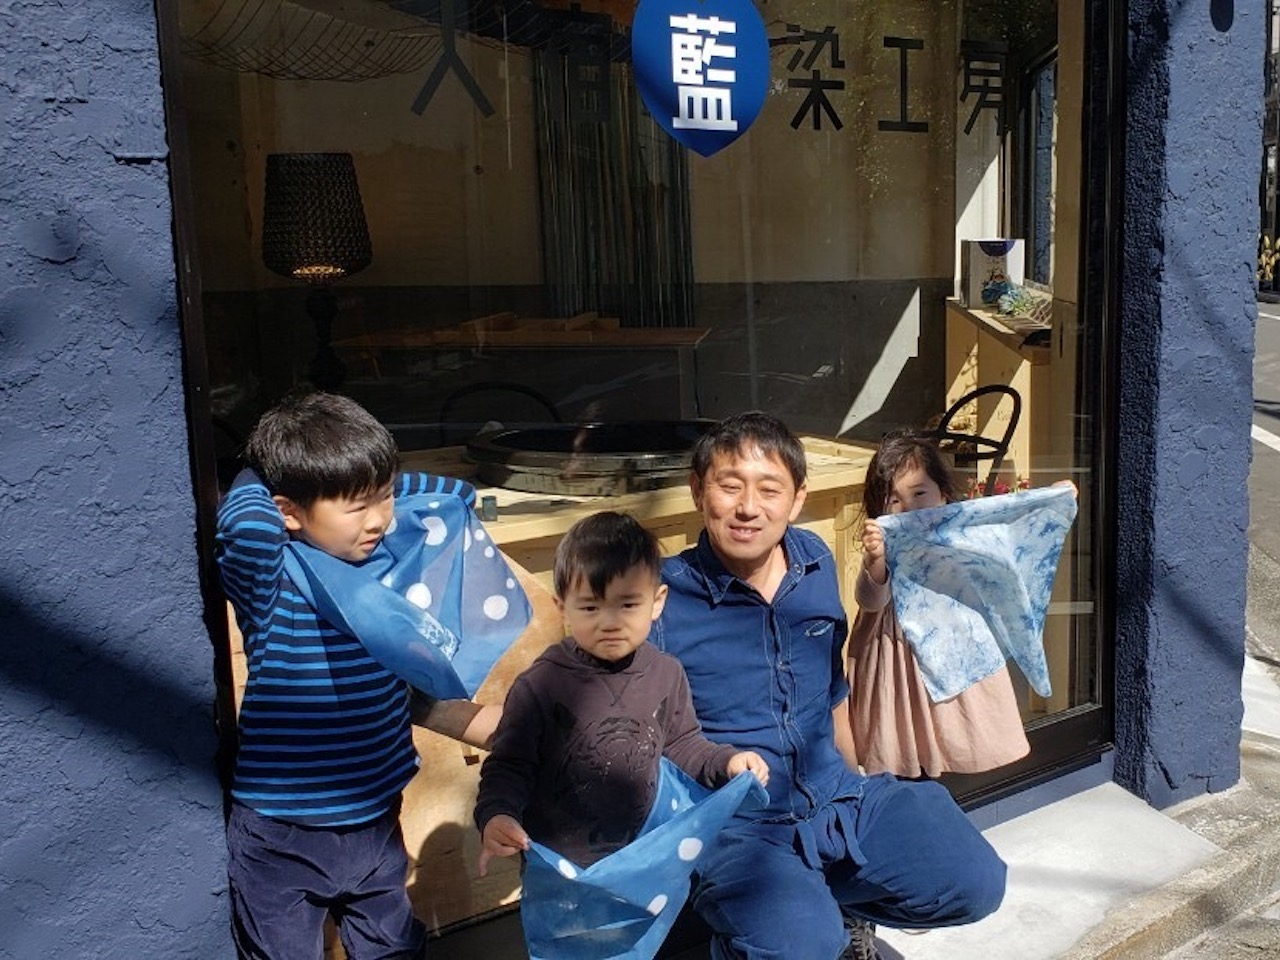 職人・スタッフによるサポートでお子様も楽しめる藍染体験